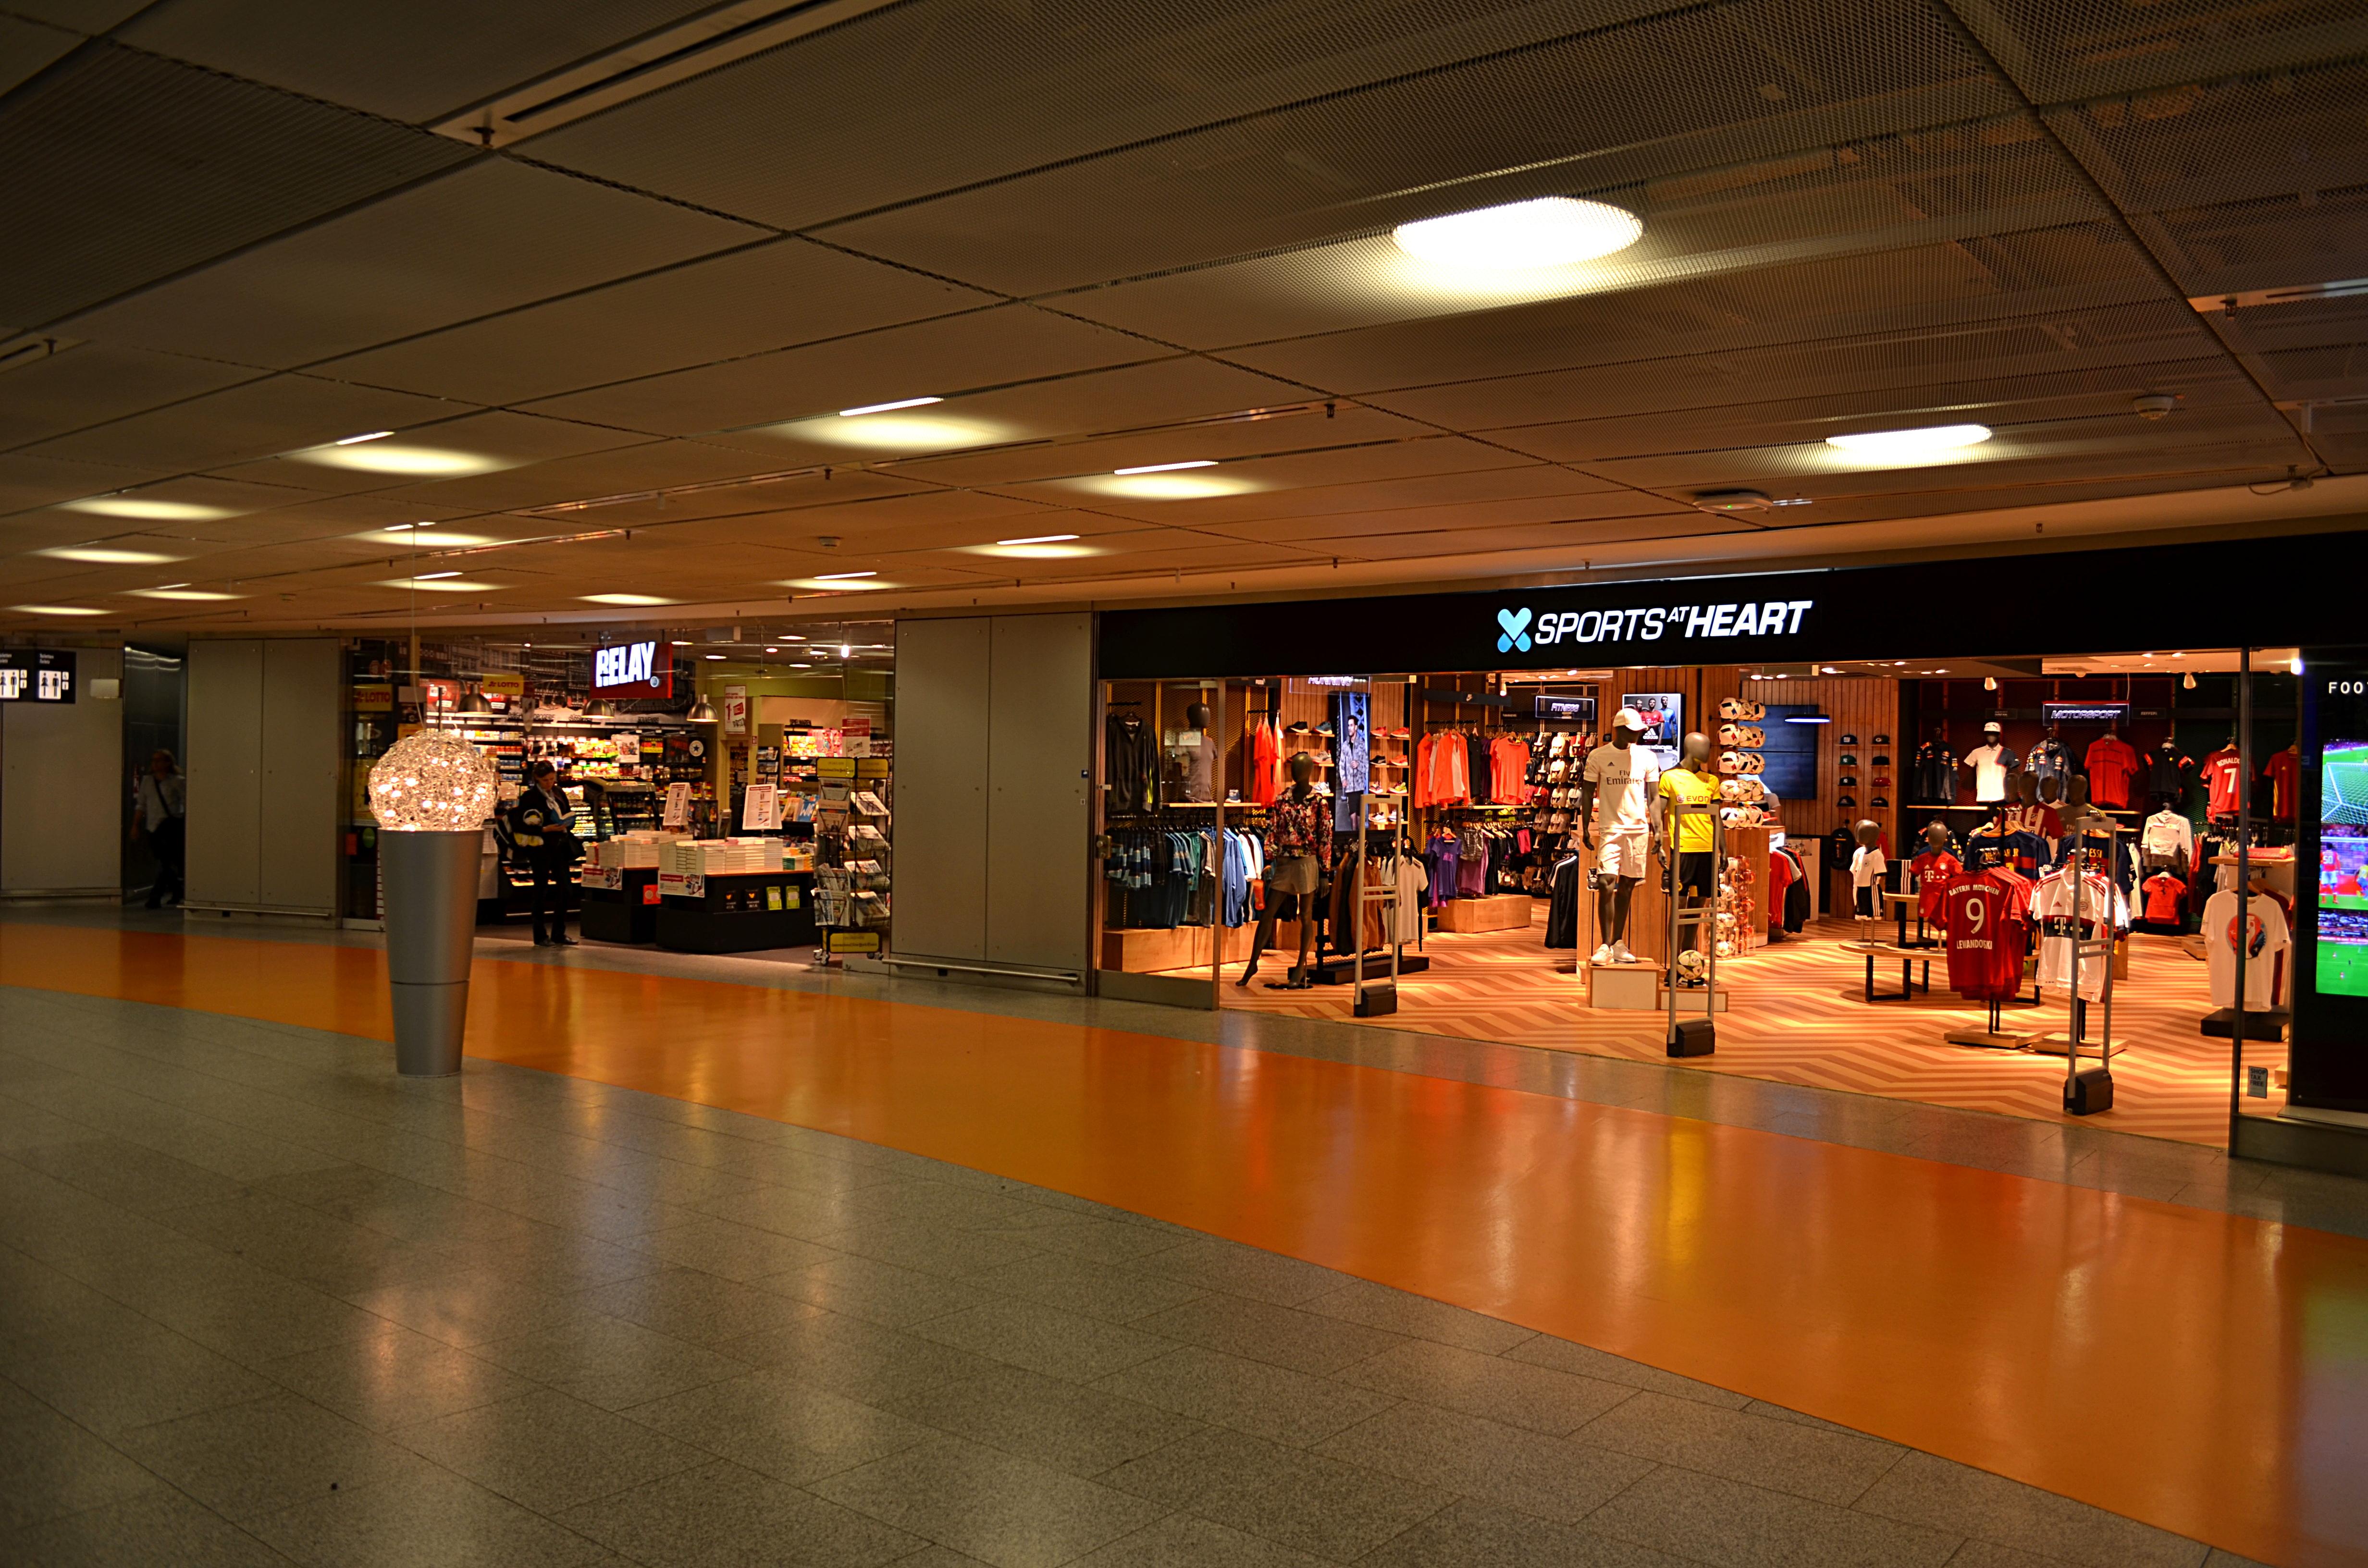 Der Einzelhandel in den Terminals des Flughafens ist eine wichtige Einnahmequelle für Fraport.